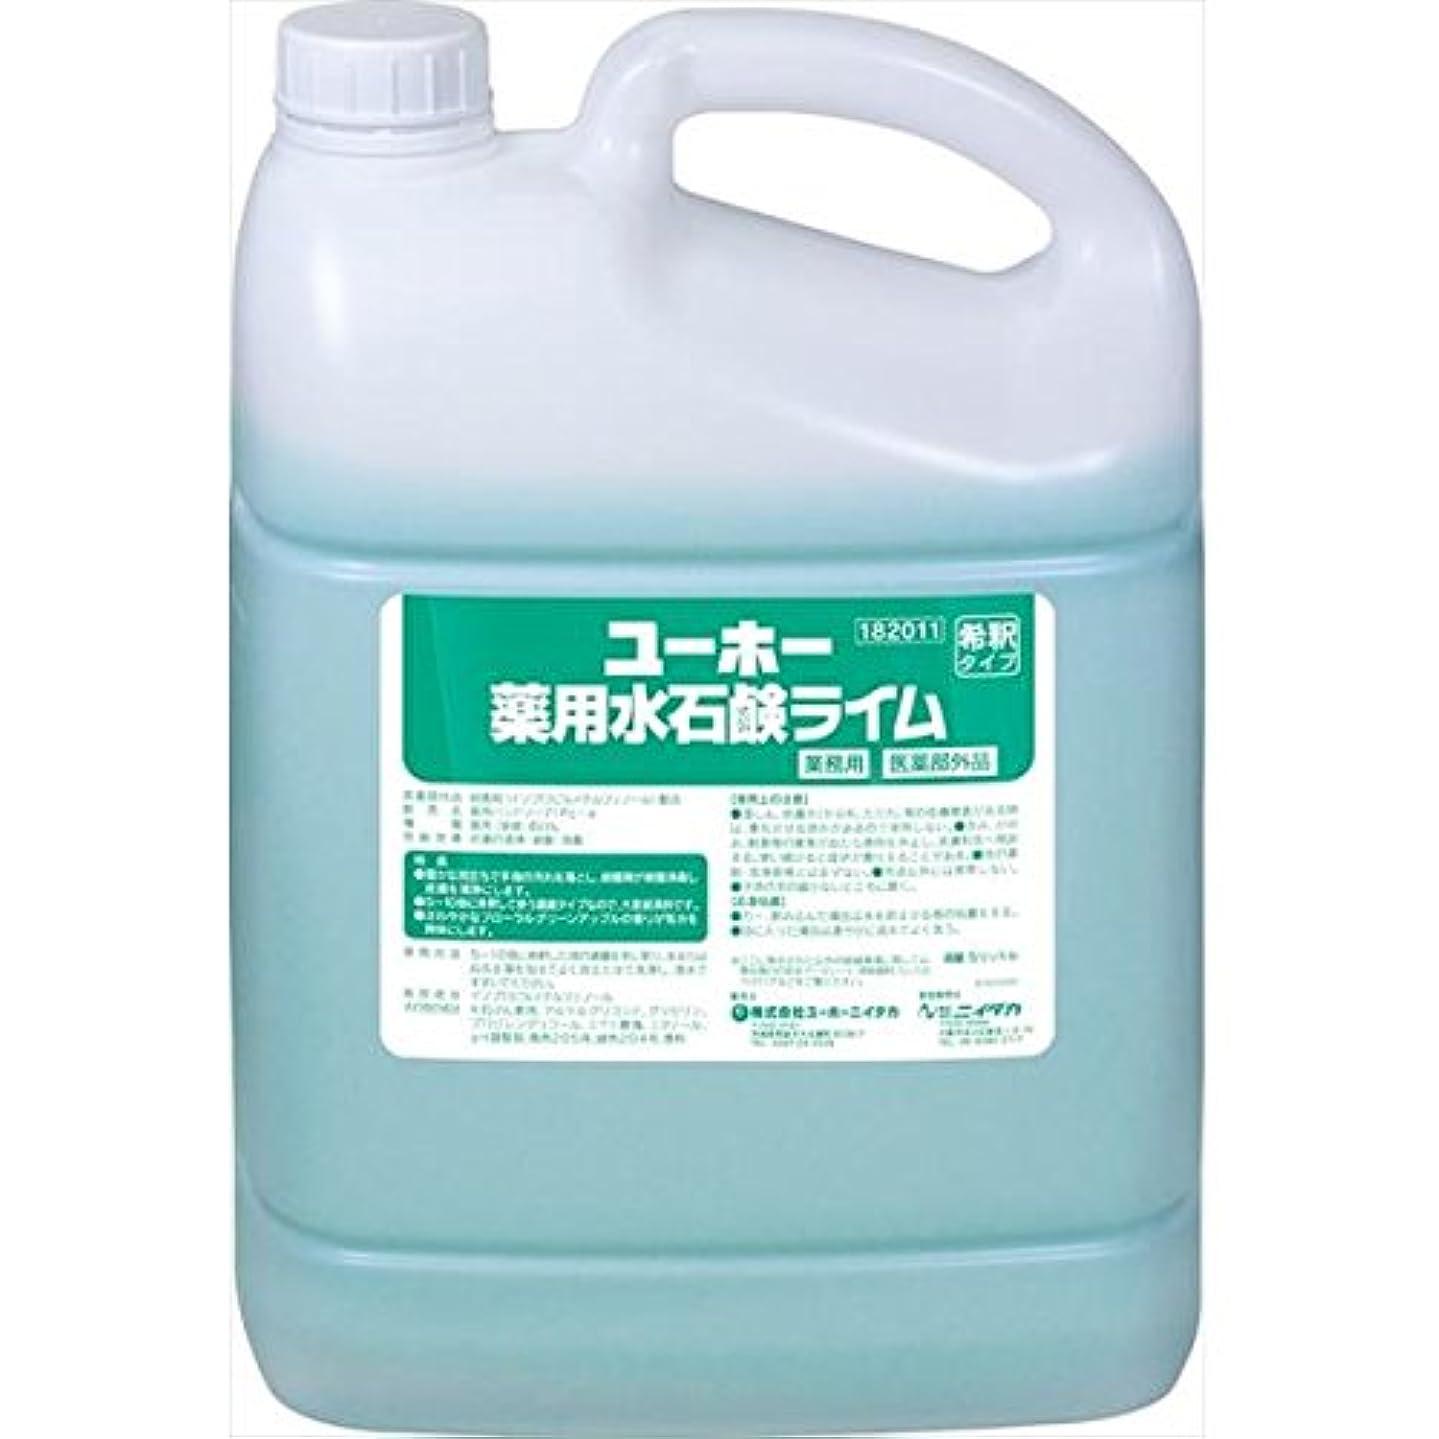 睡眠奨励救援ユーホーニイタカ:薬用水石鹸ライム 5L×2 182011